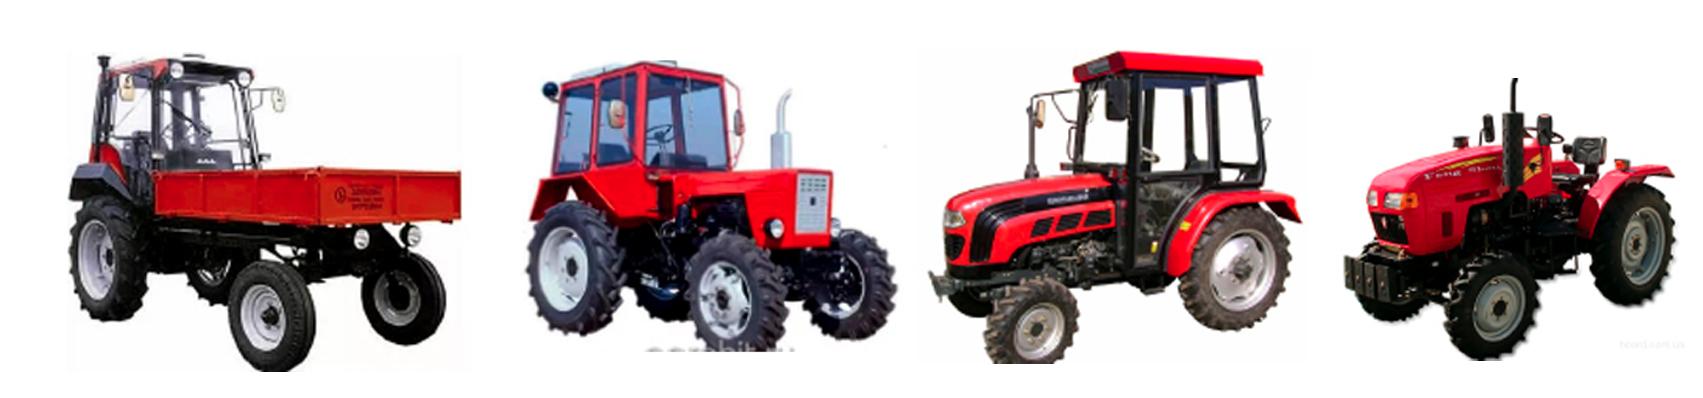 Тракторы т-25